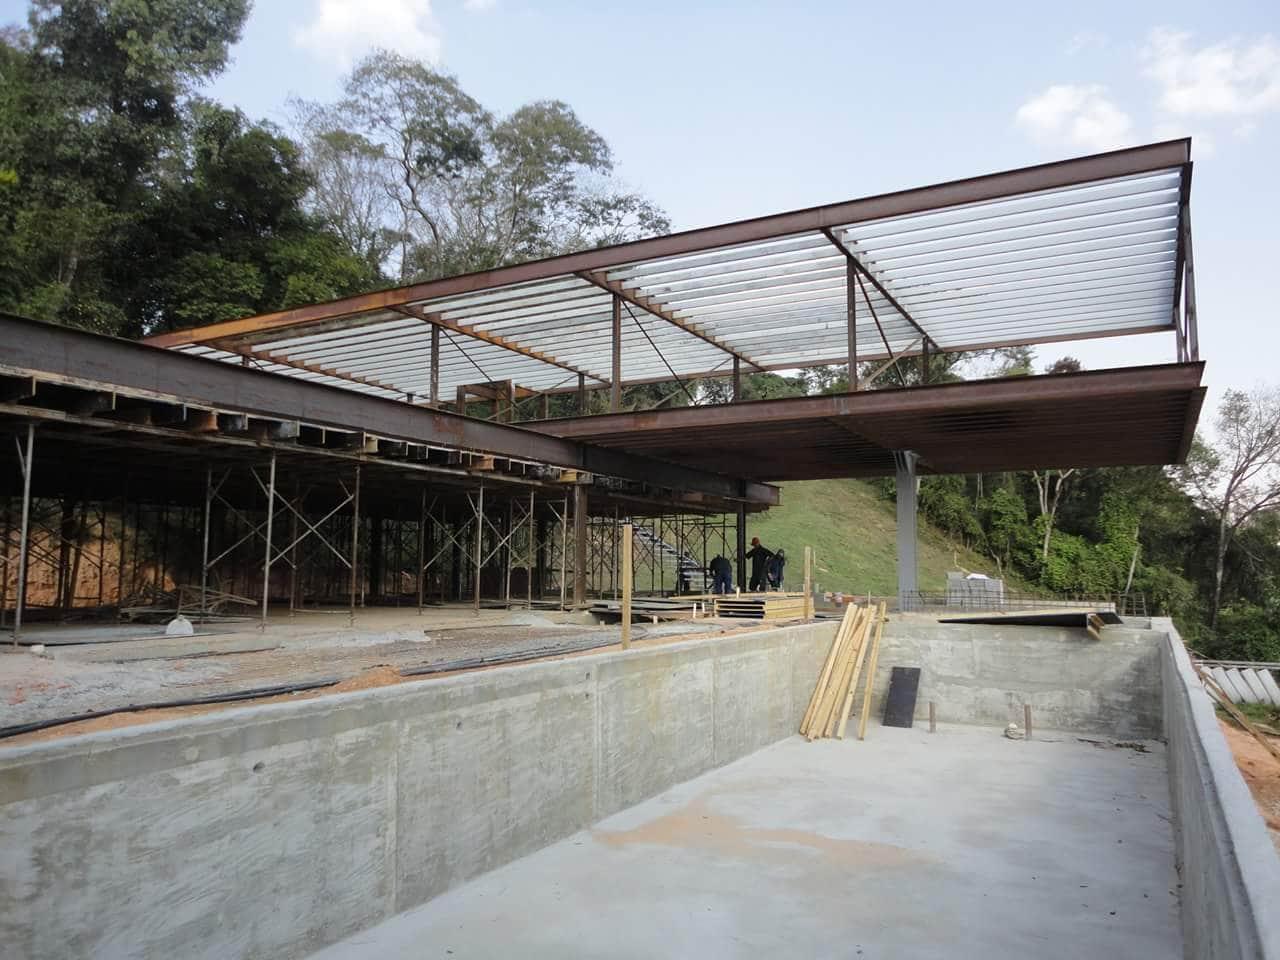 Thi công villa kết cấu thép tại Bãi Dâu - Vũng Tàu - Ảnh công trường 1